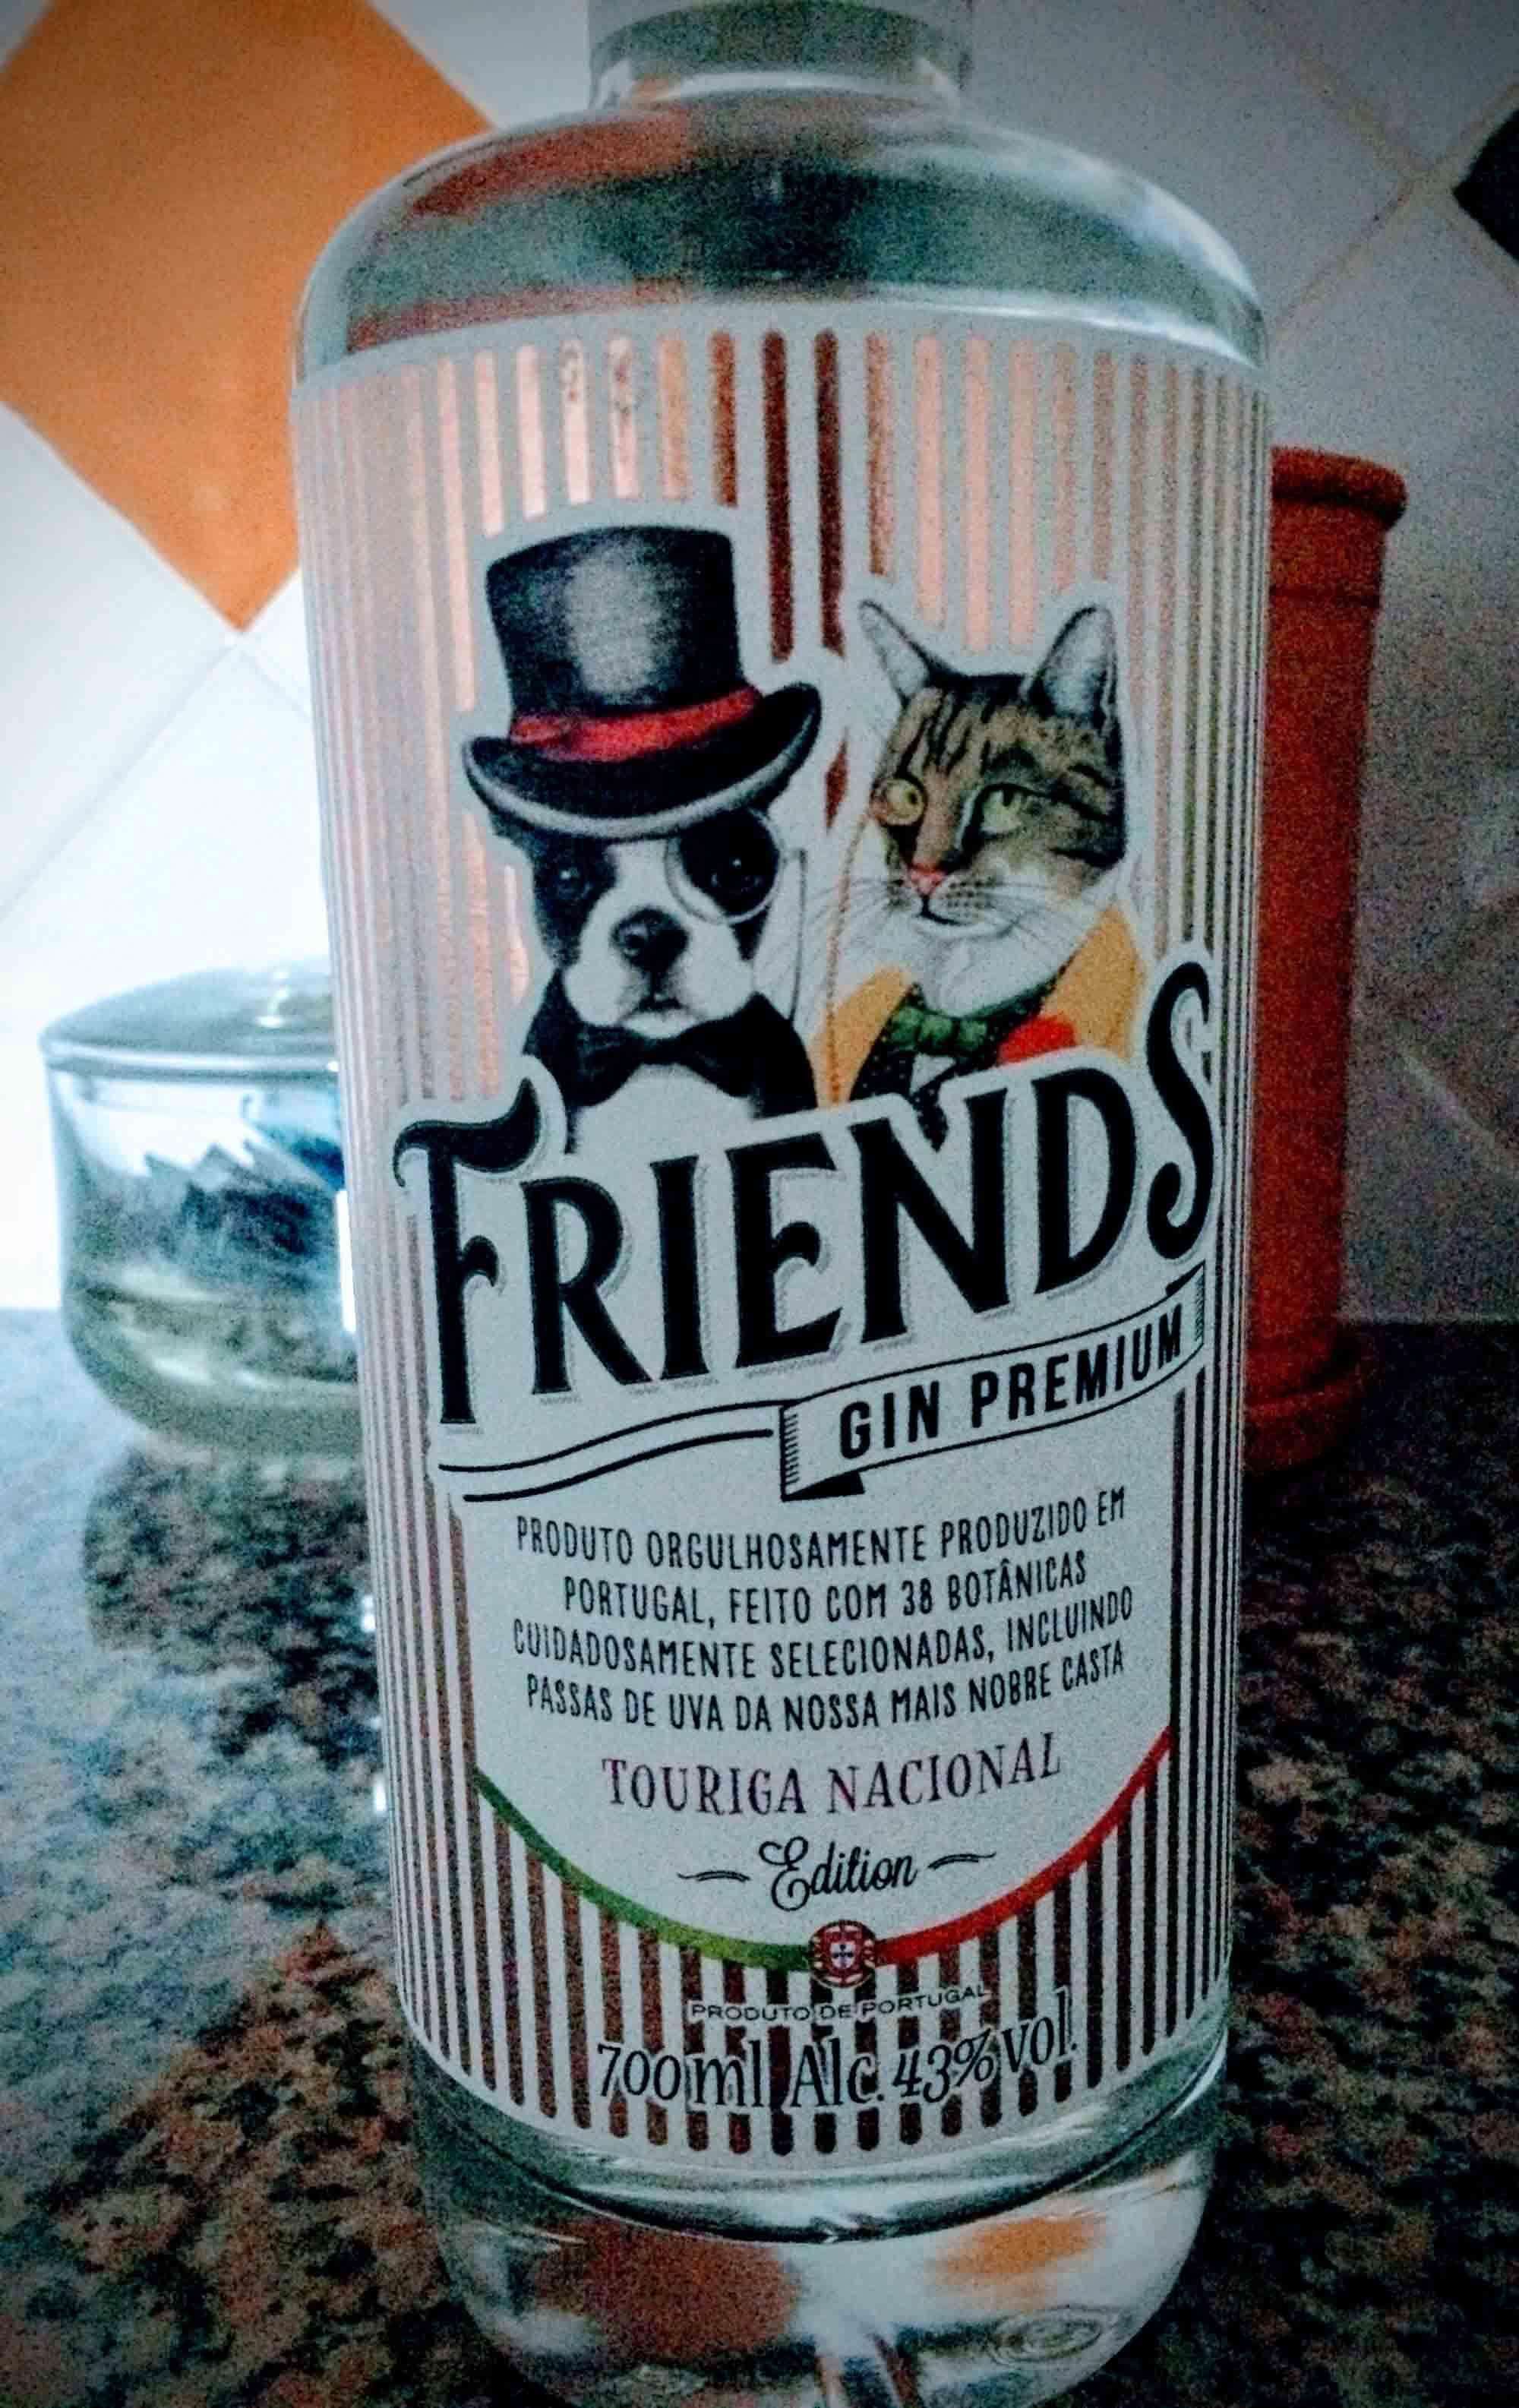 Friends gin